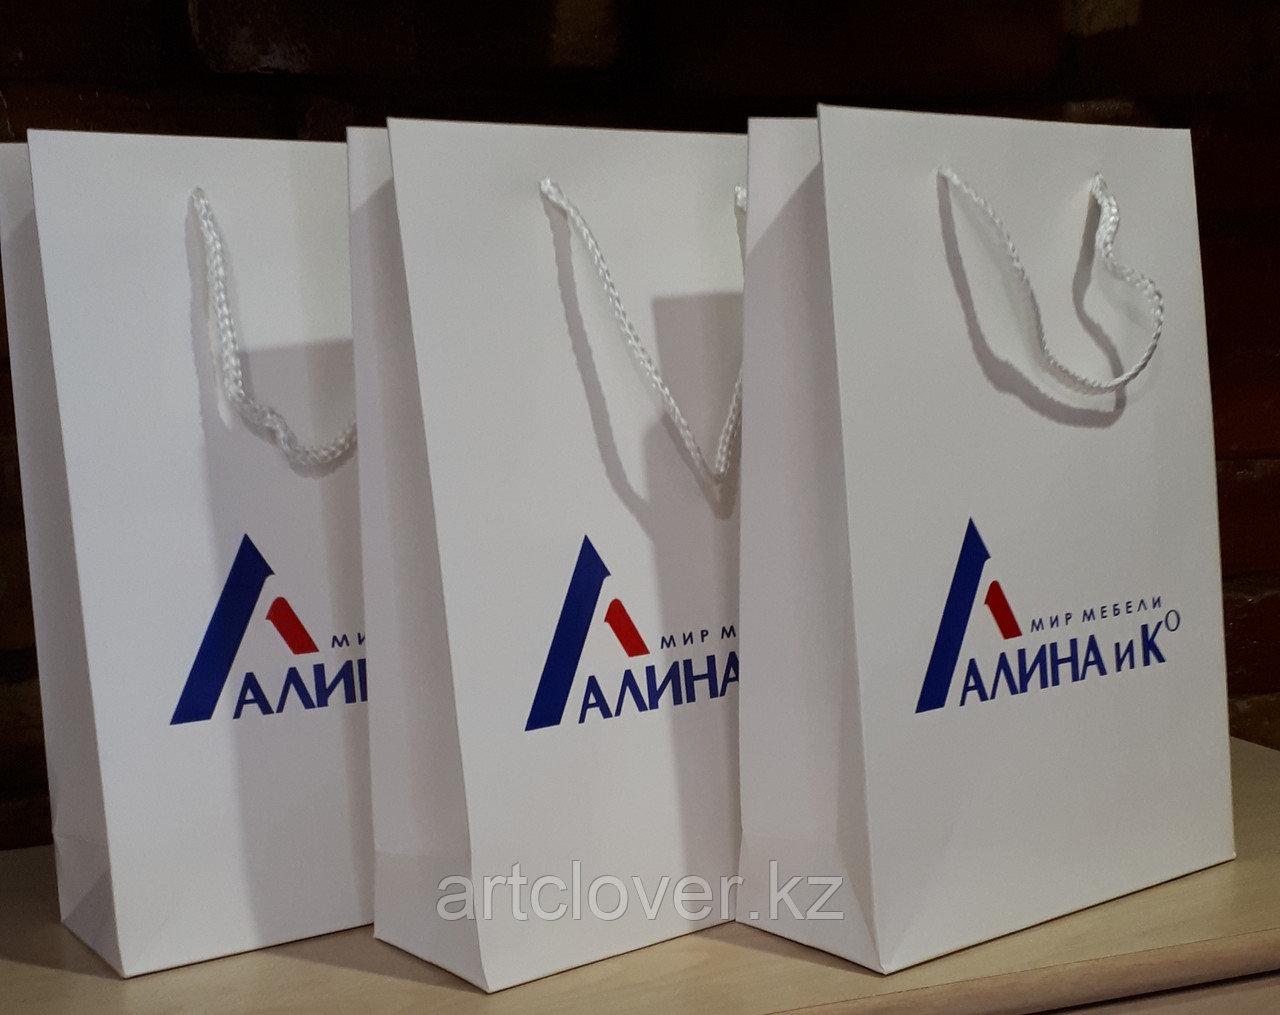 Изготовление бумажных пакетов с логотипом компании